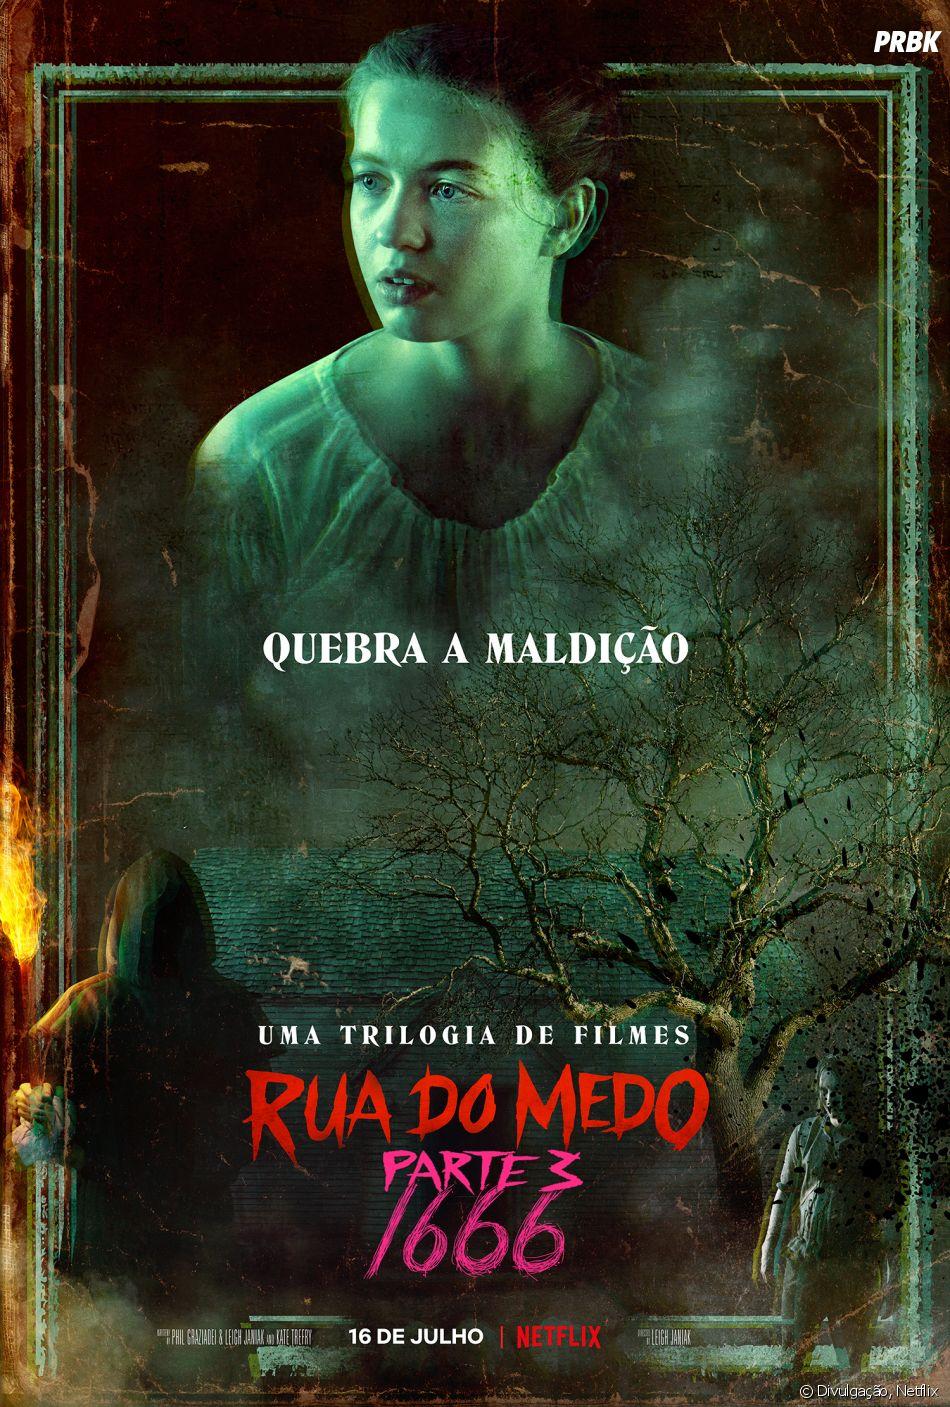 """O último filme da trilogia """"Rua do Medo"""" chegou à Netflix nesta sexta-feira (16) e agradou os fãs de terror"""